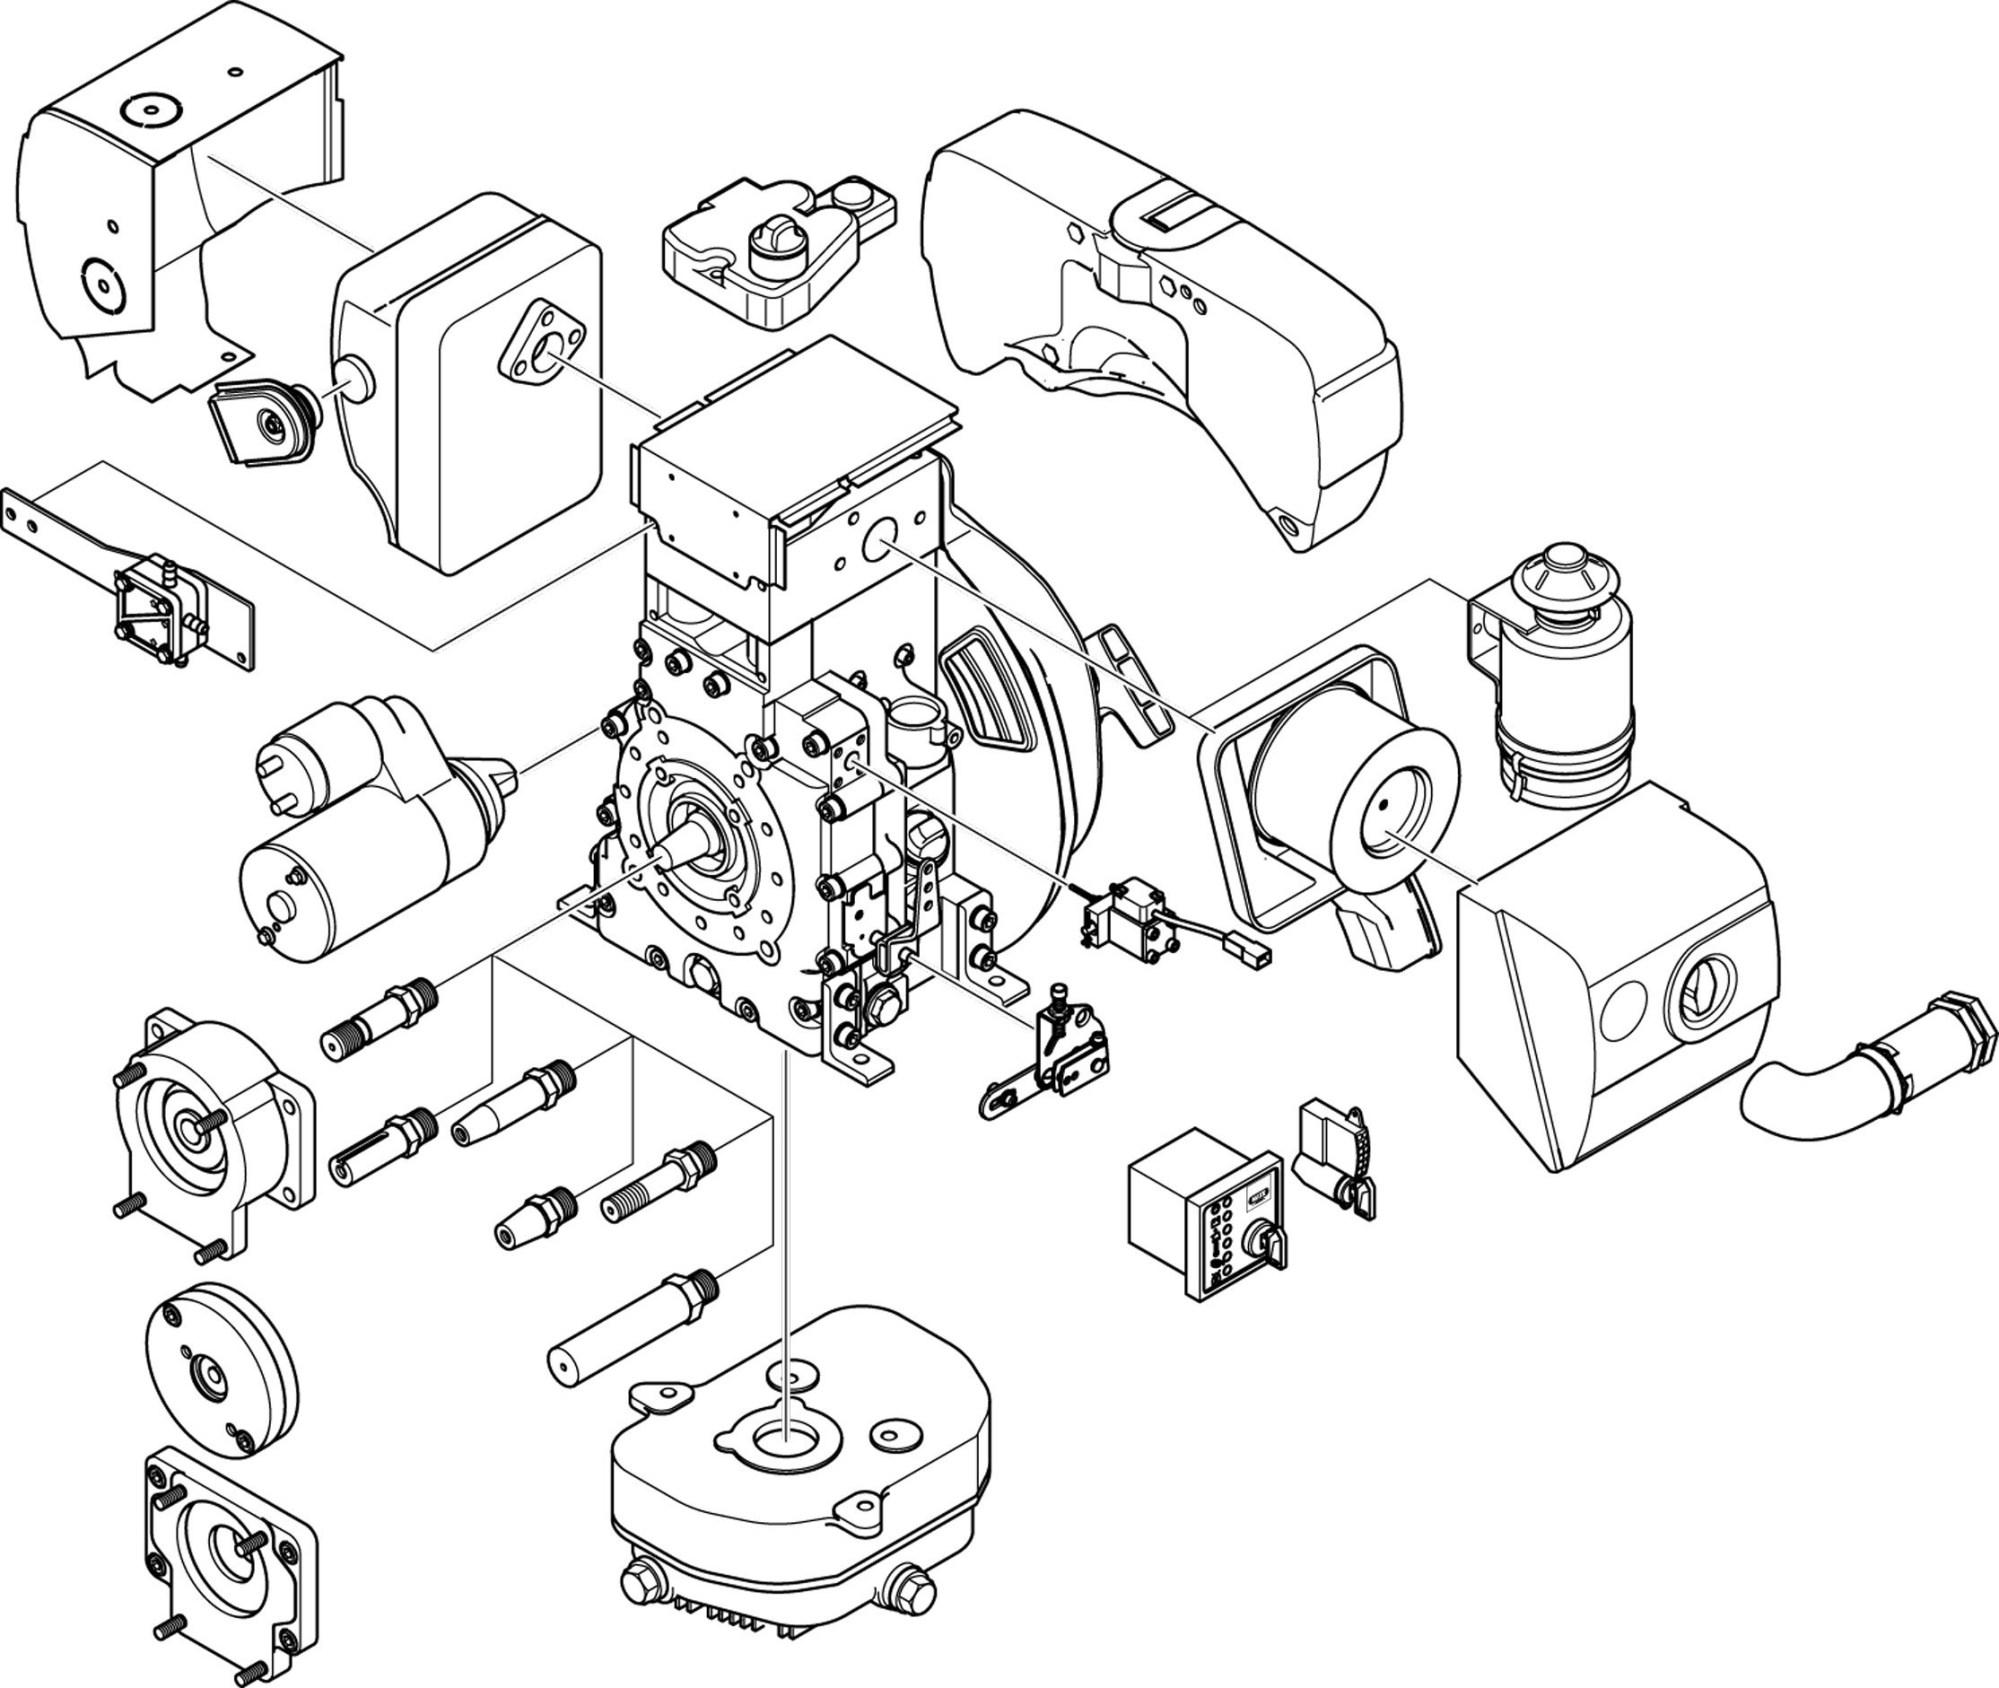 hight resolution of hatz alternator wiring diagram wiring library rh 8 skriptoase de hatz diesel engine wiring diagram hatz engine 2m41z